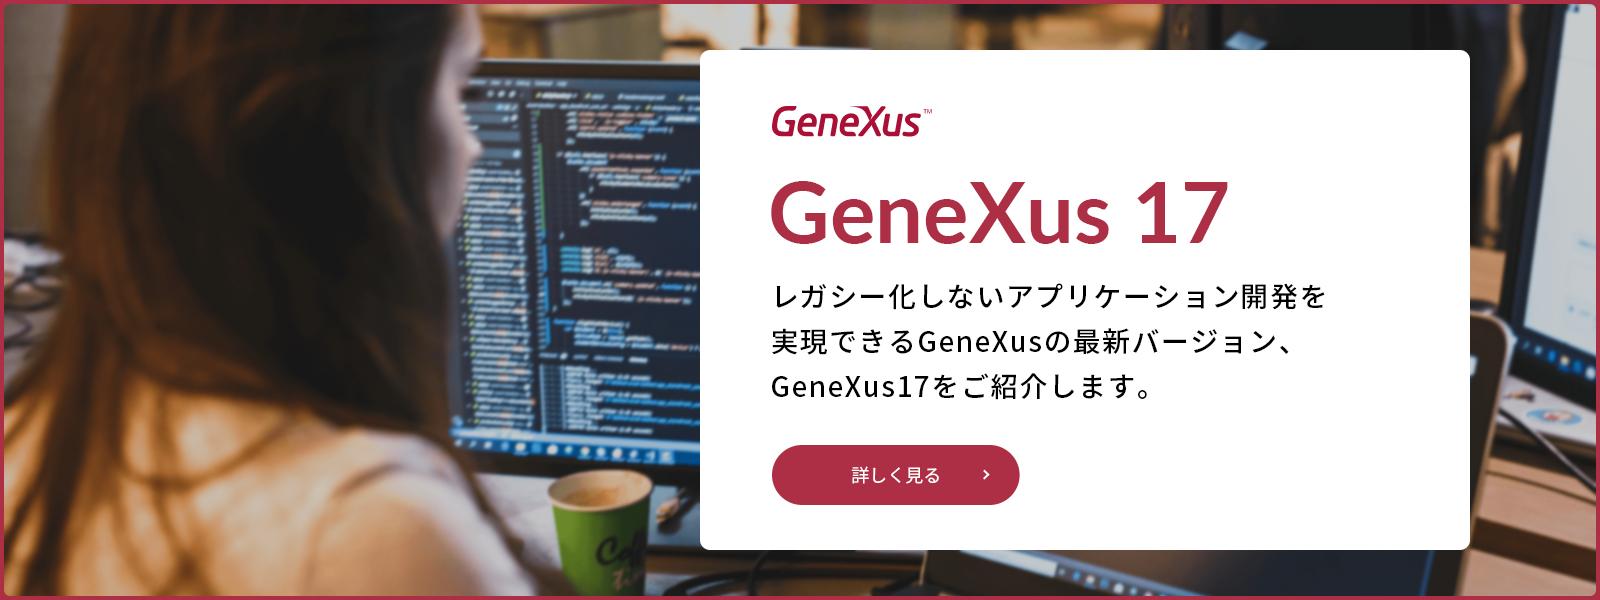 GeneXus17